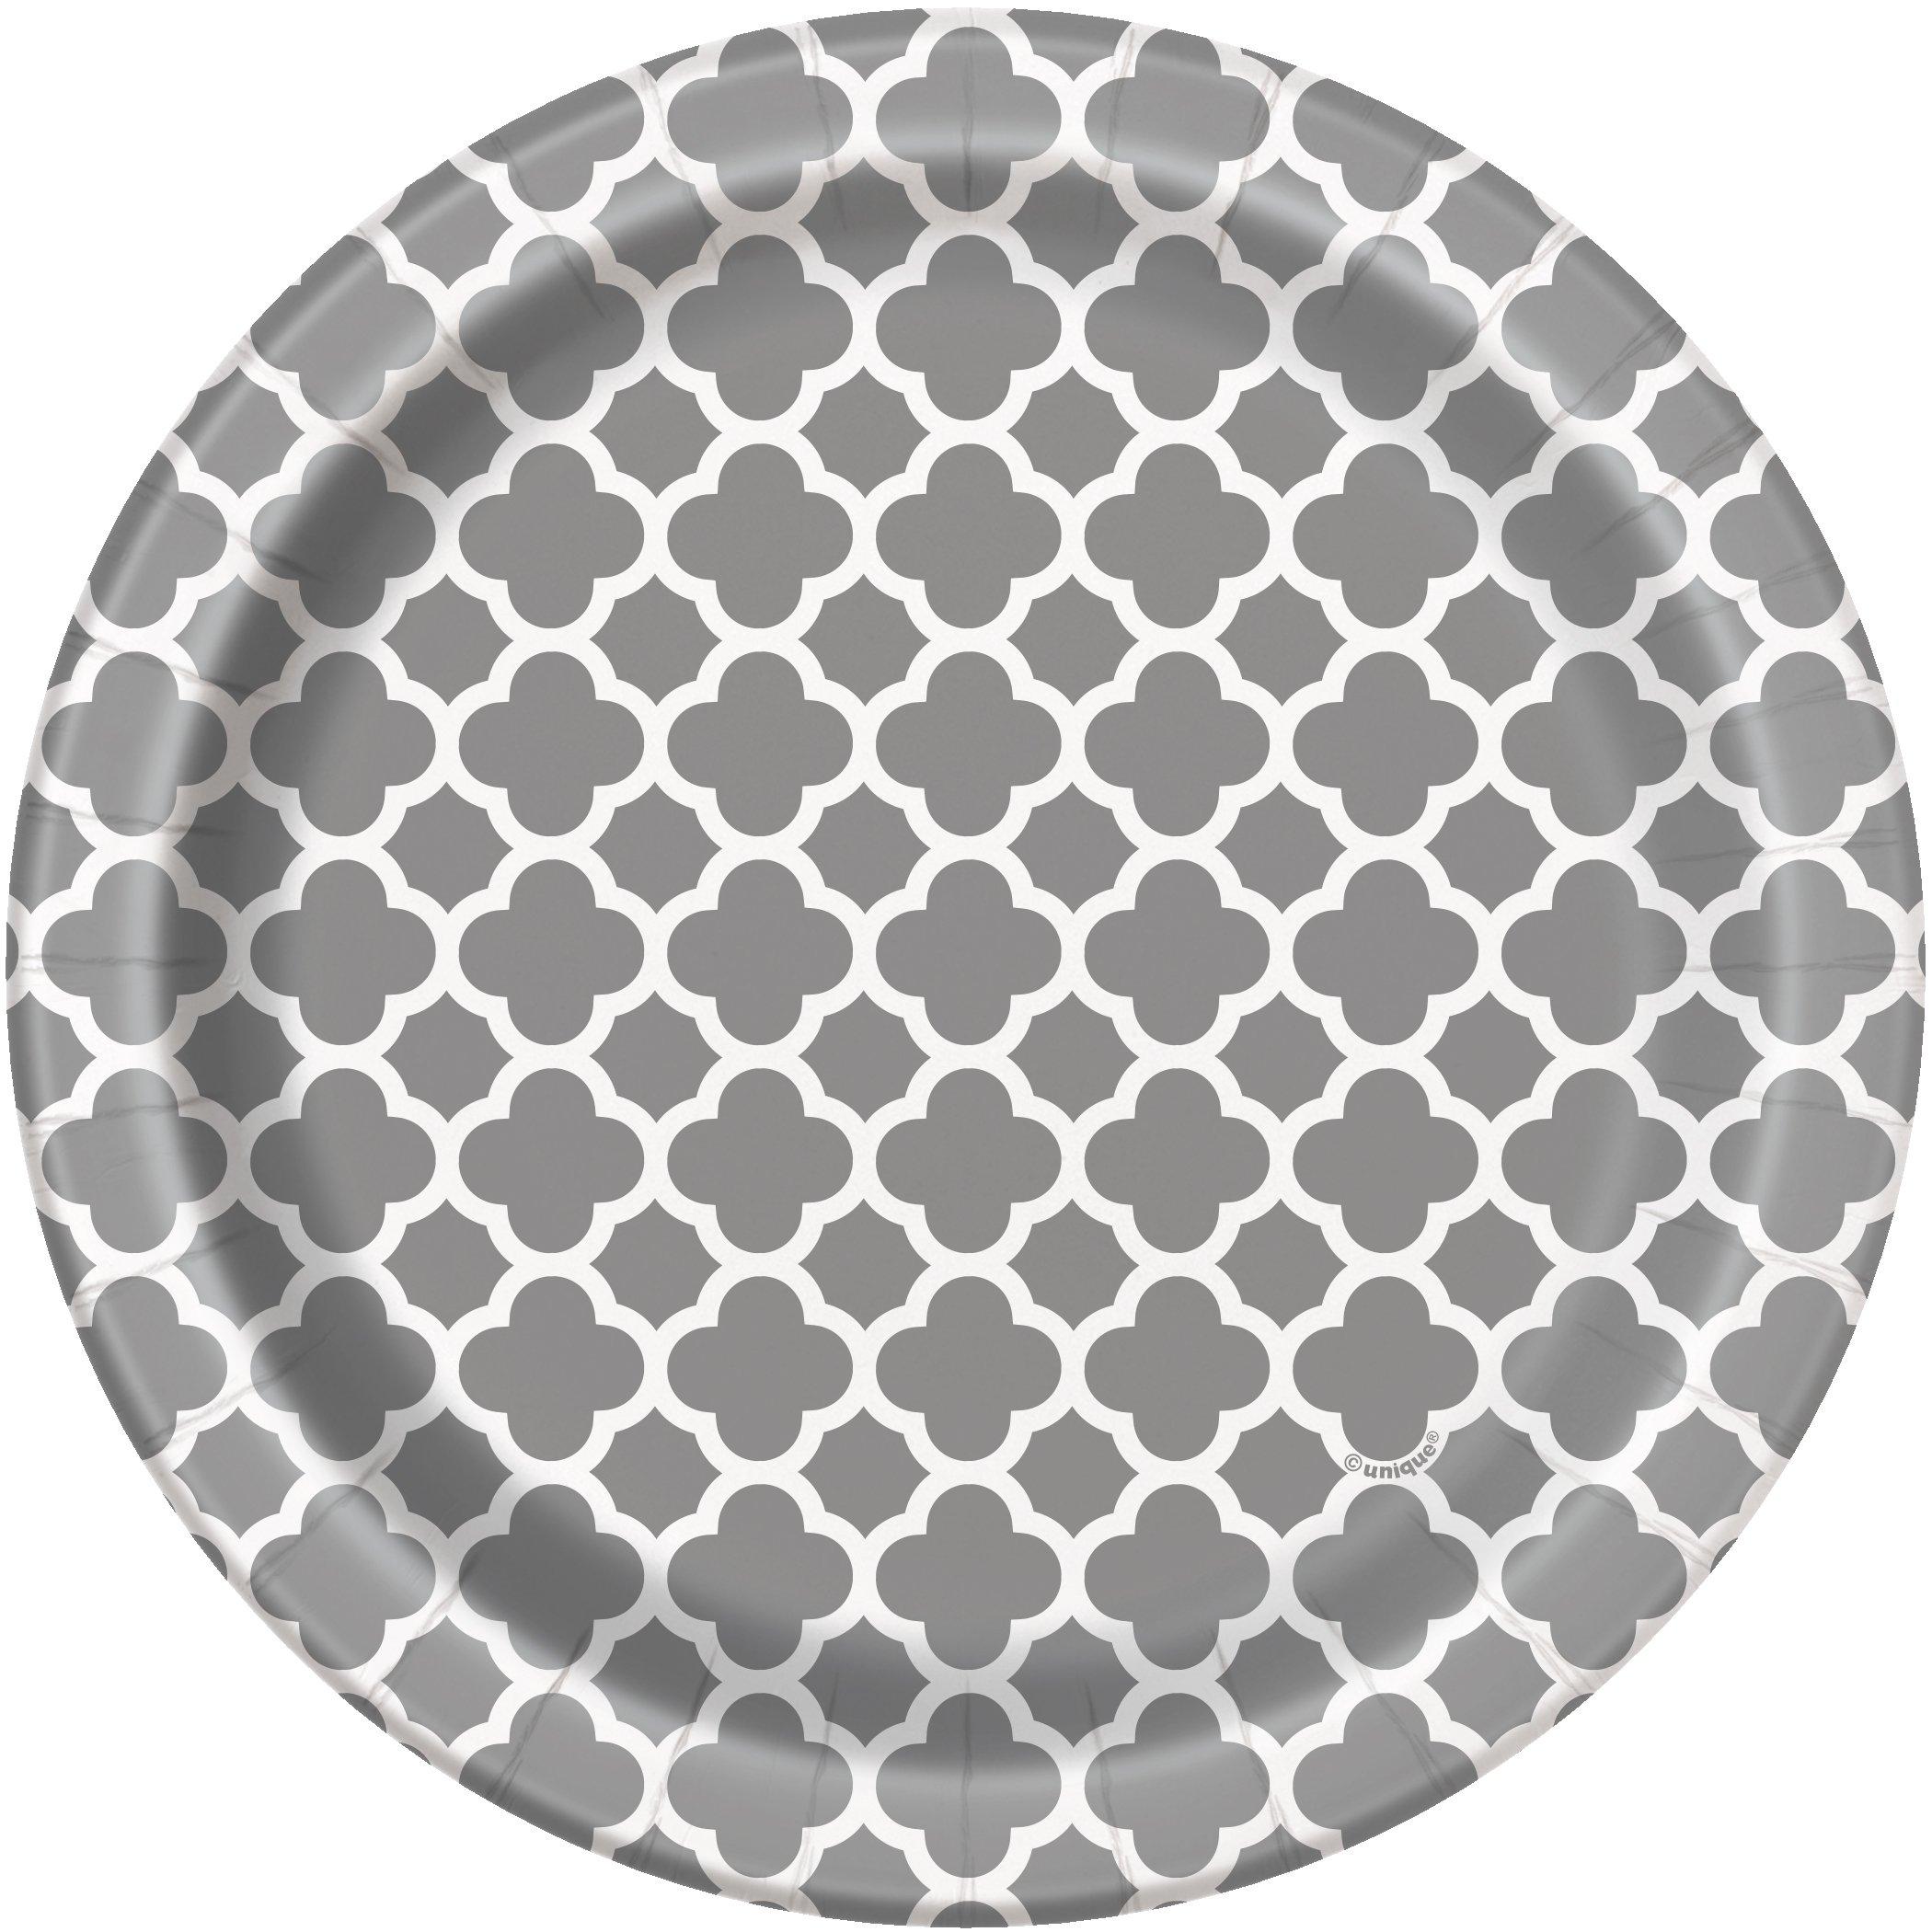 Silver Quatrefoil Paper Cake Plates, 8ct by Unique (Image #1)